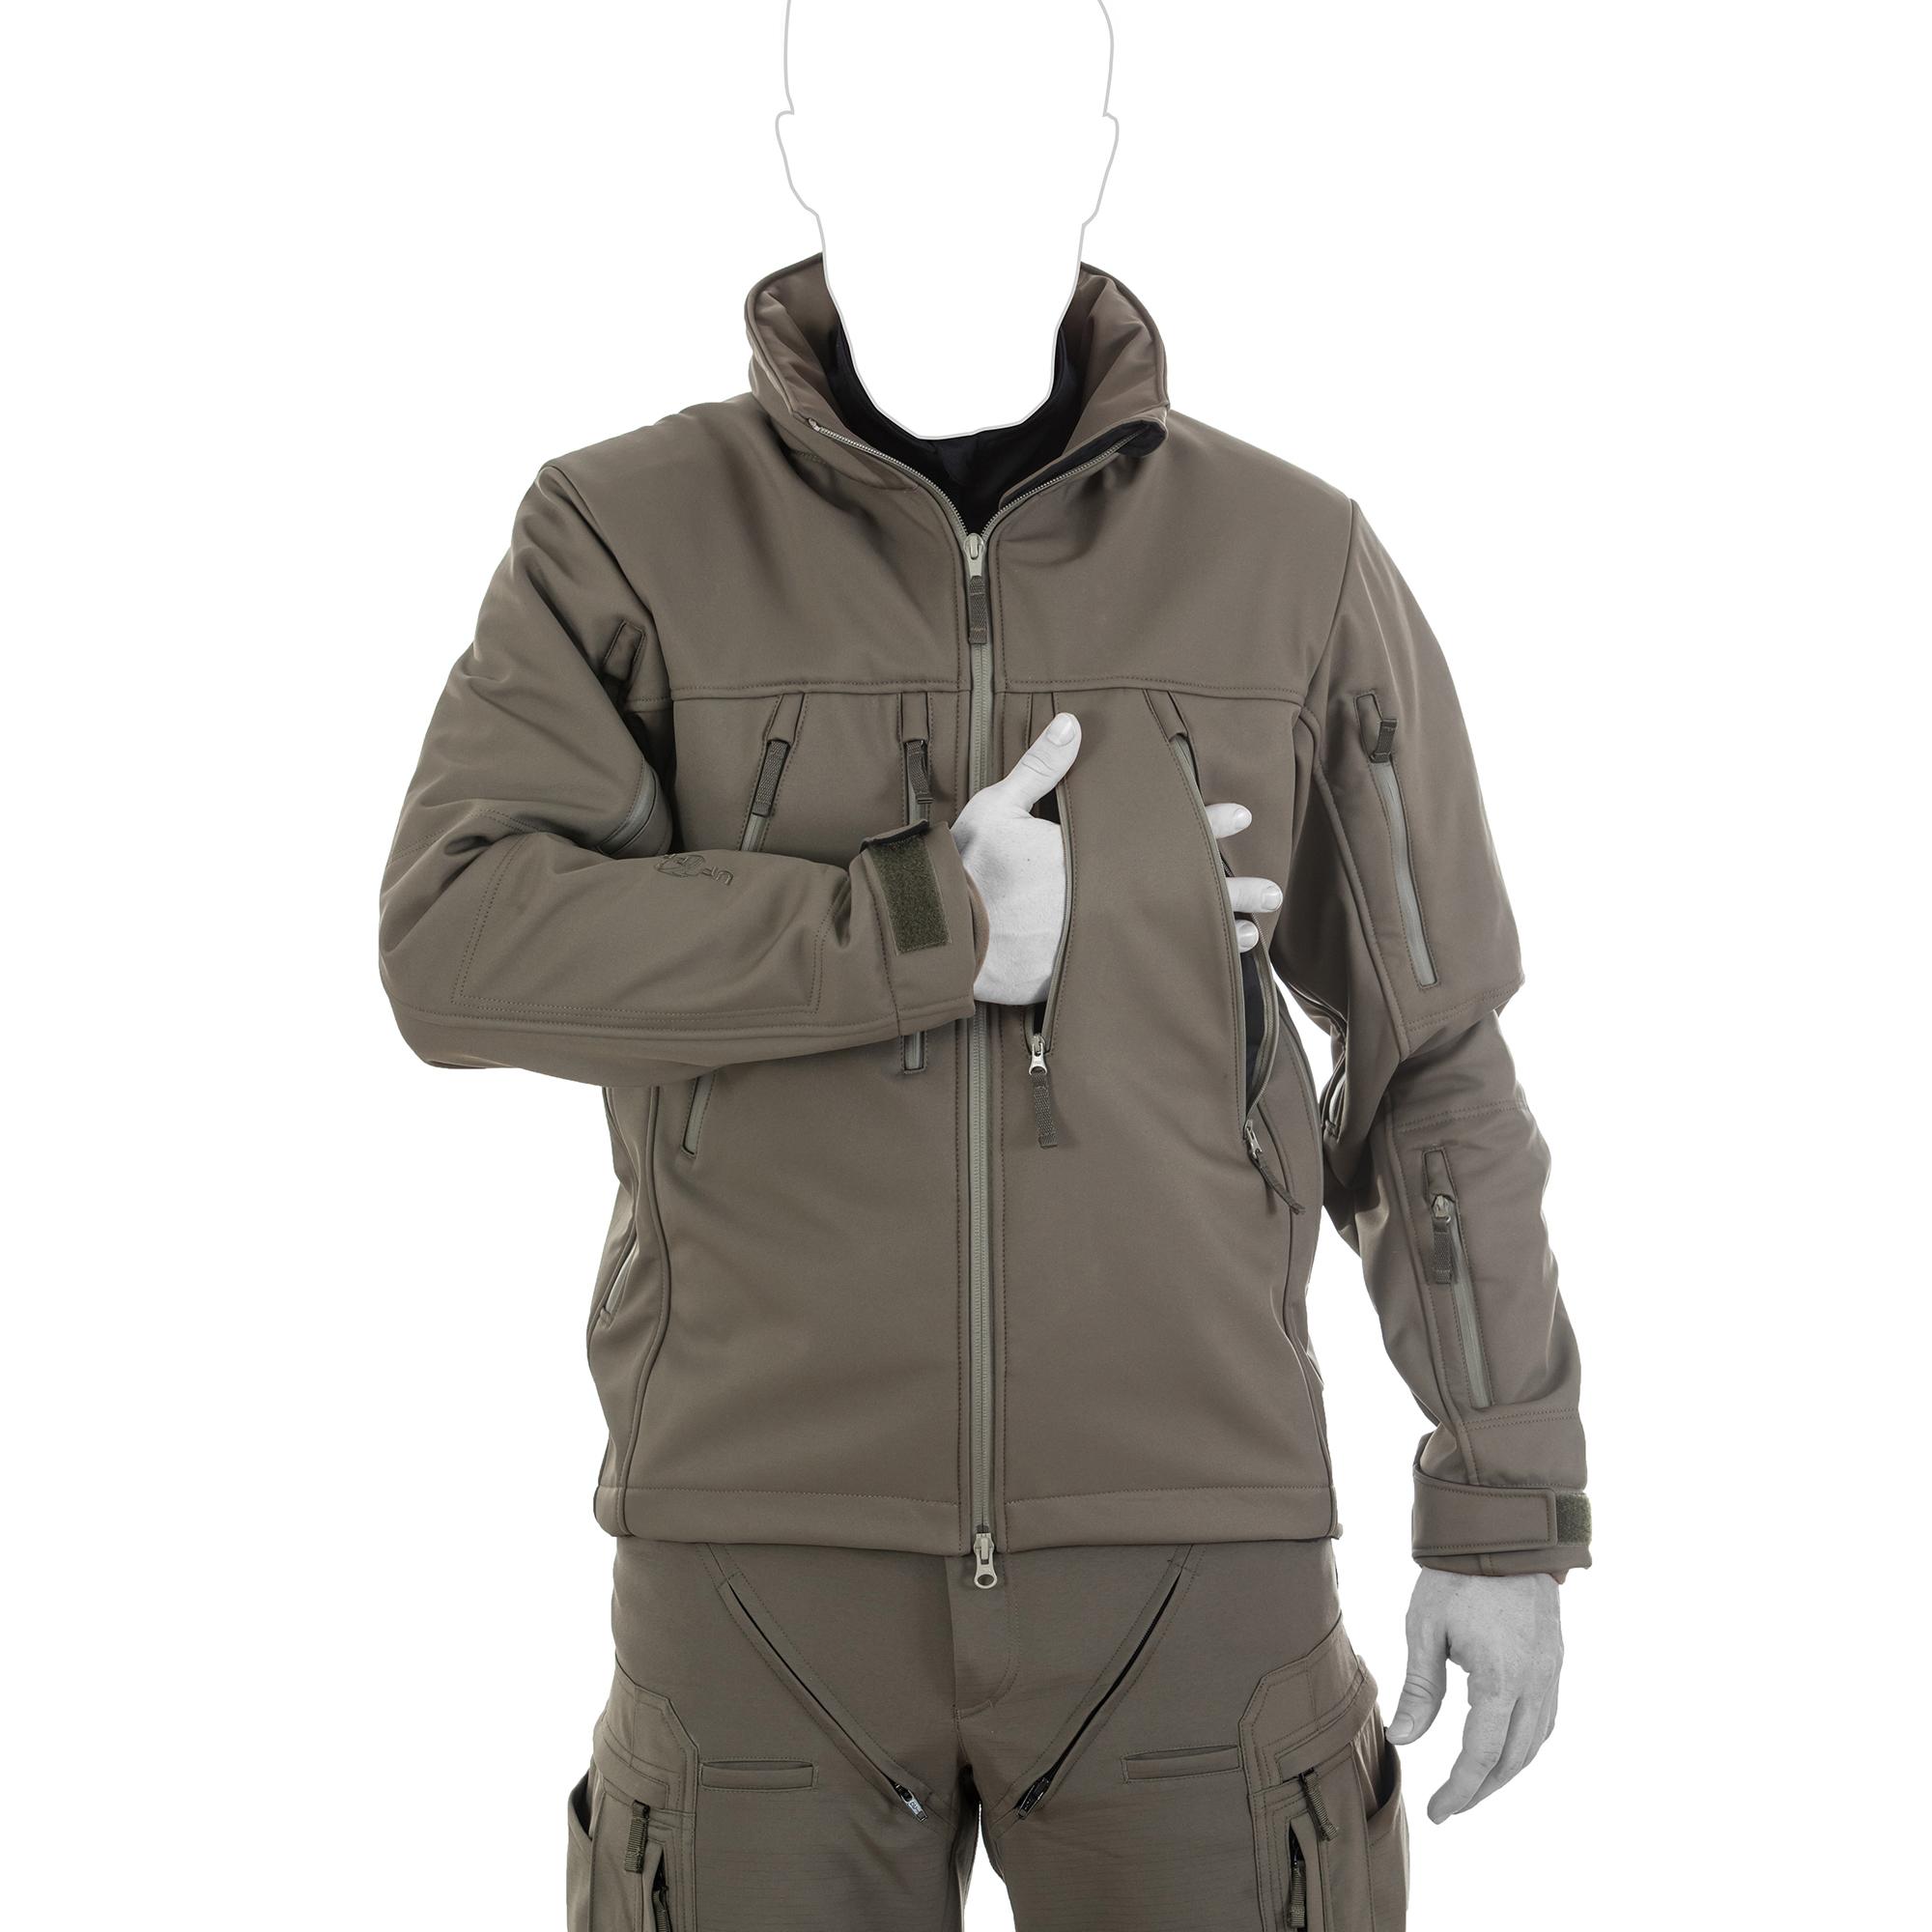 446c114ebdabb5 ... Vorschau: UF PRO® Delta Eagle 2 Softshell Jacke Brusttaschen ...